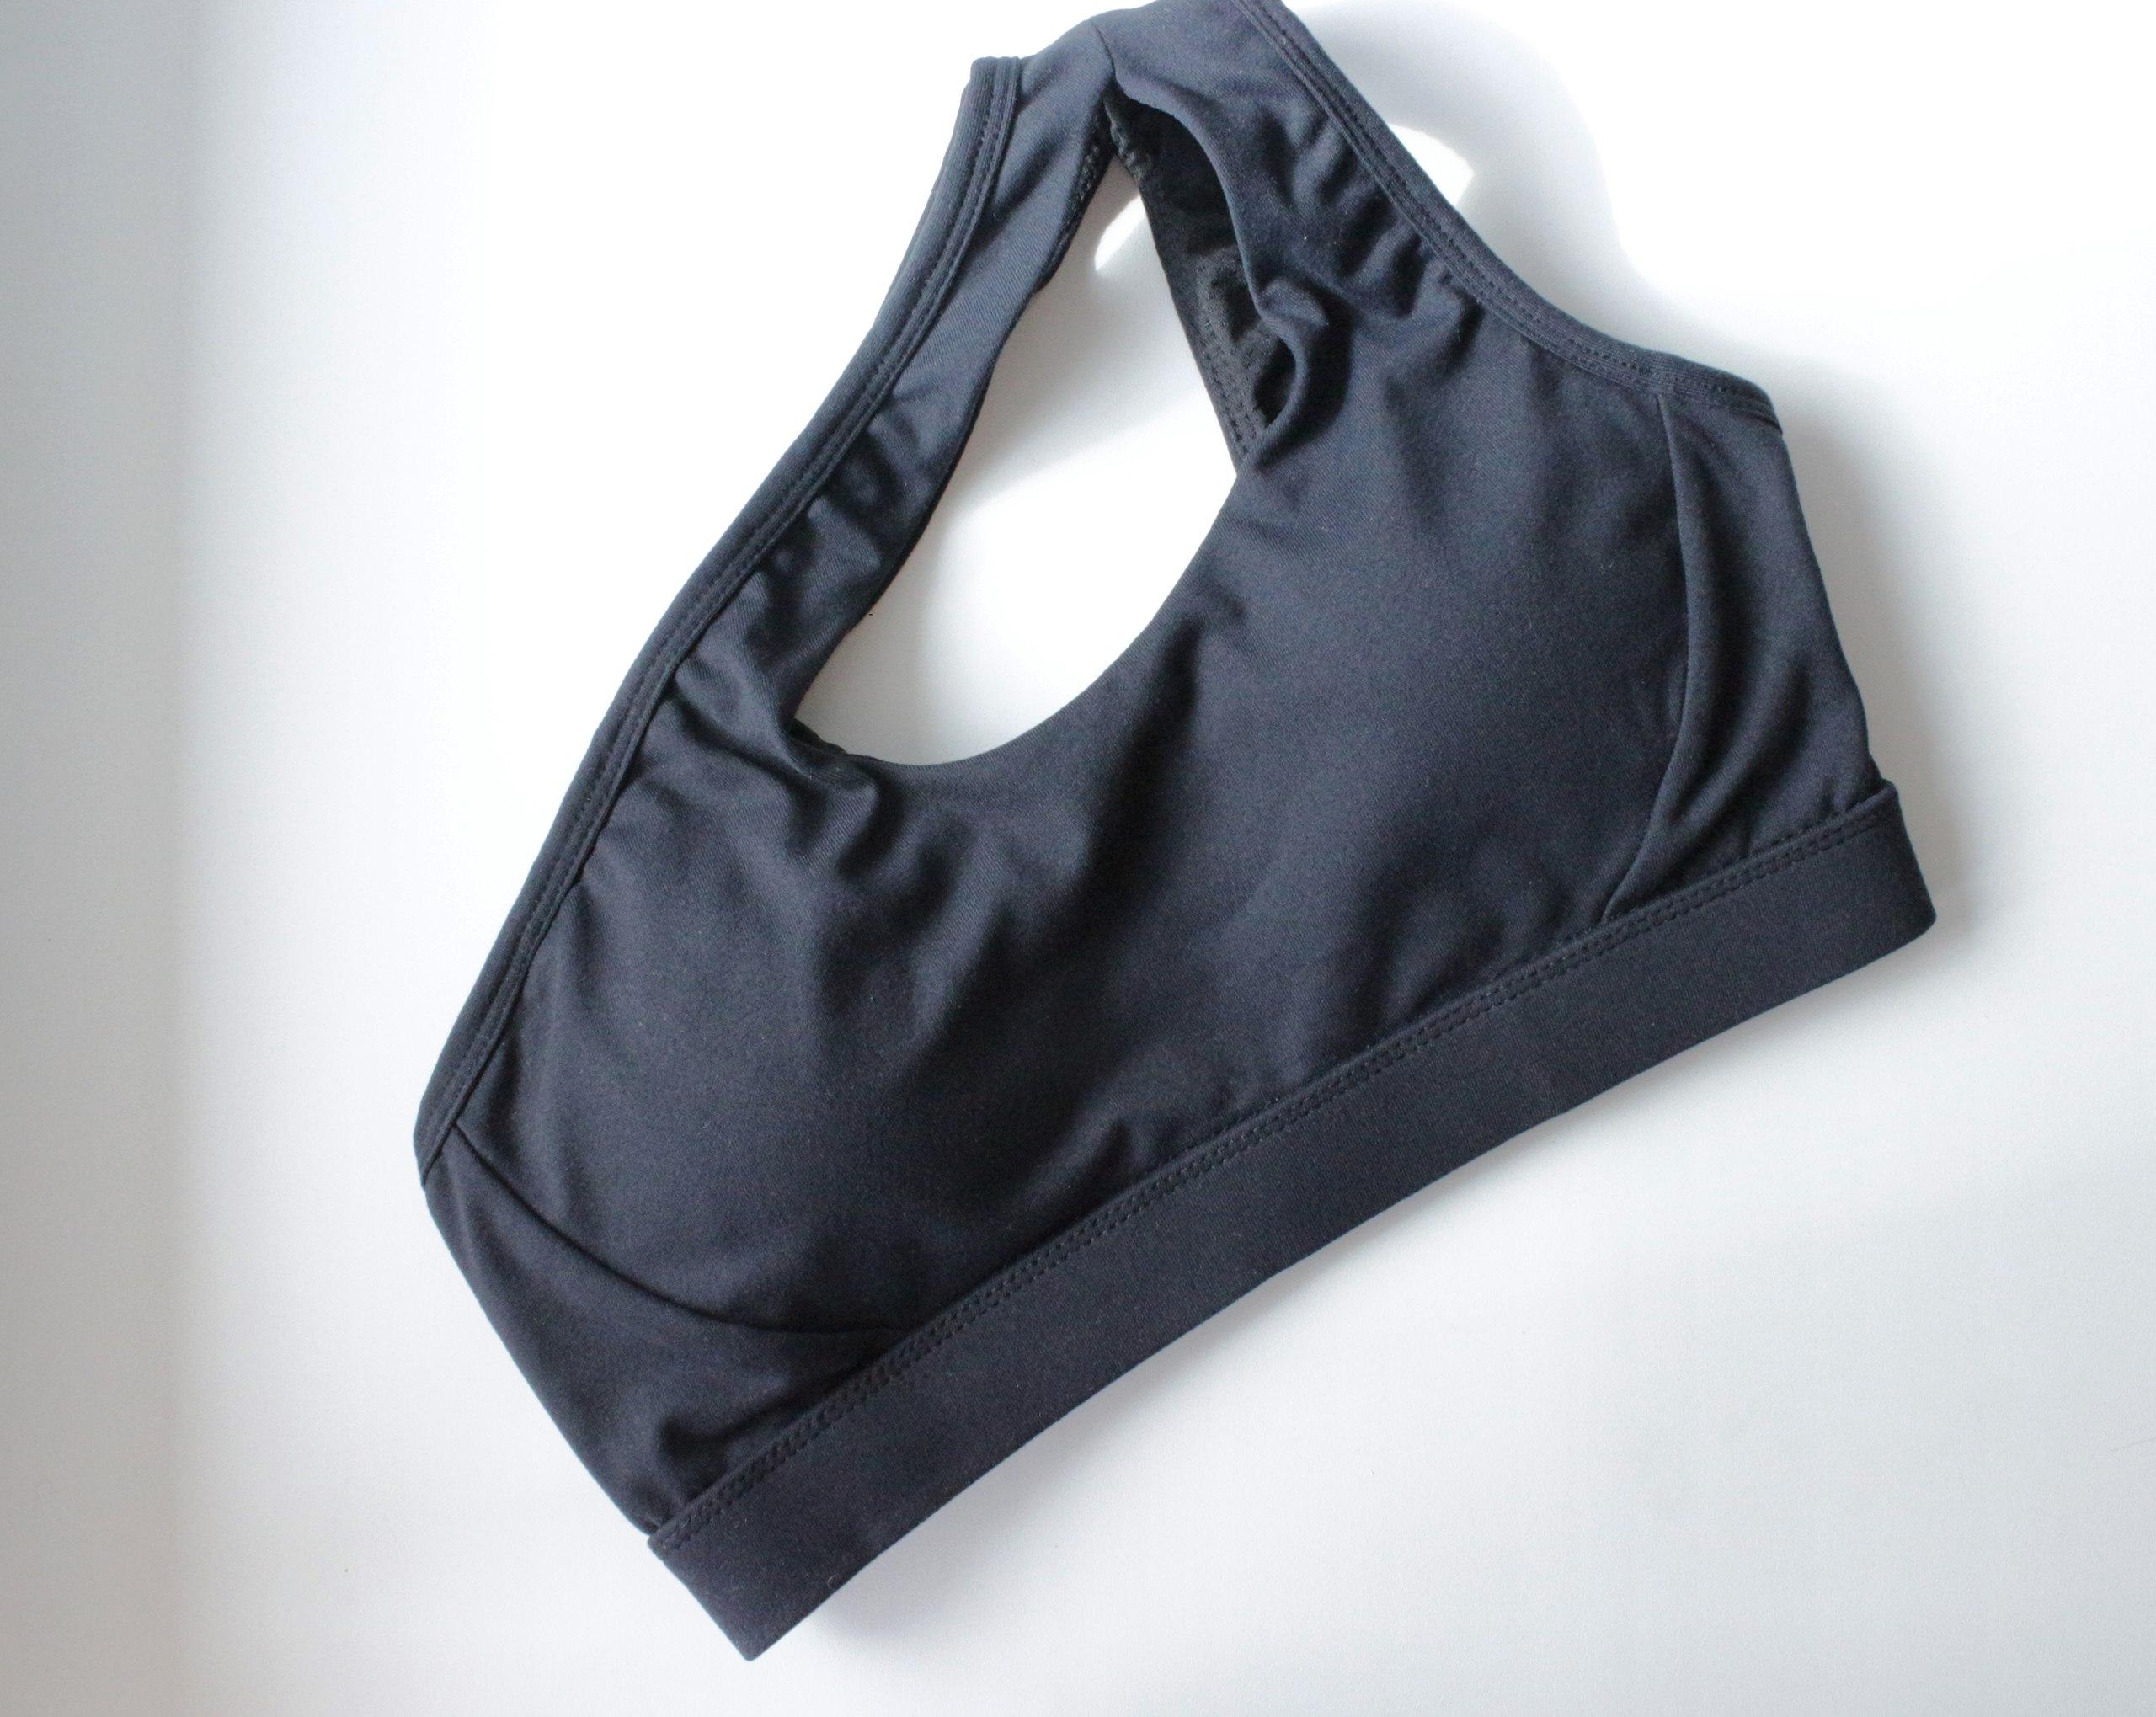 Асимметричный спортивный топ для тех кому красивая спортивная одежда приносит дополнительное удовольствие от занятий Ест